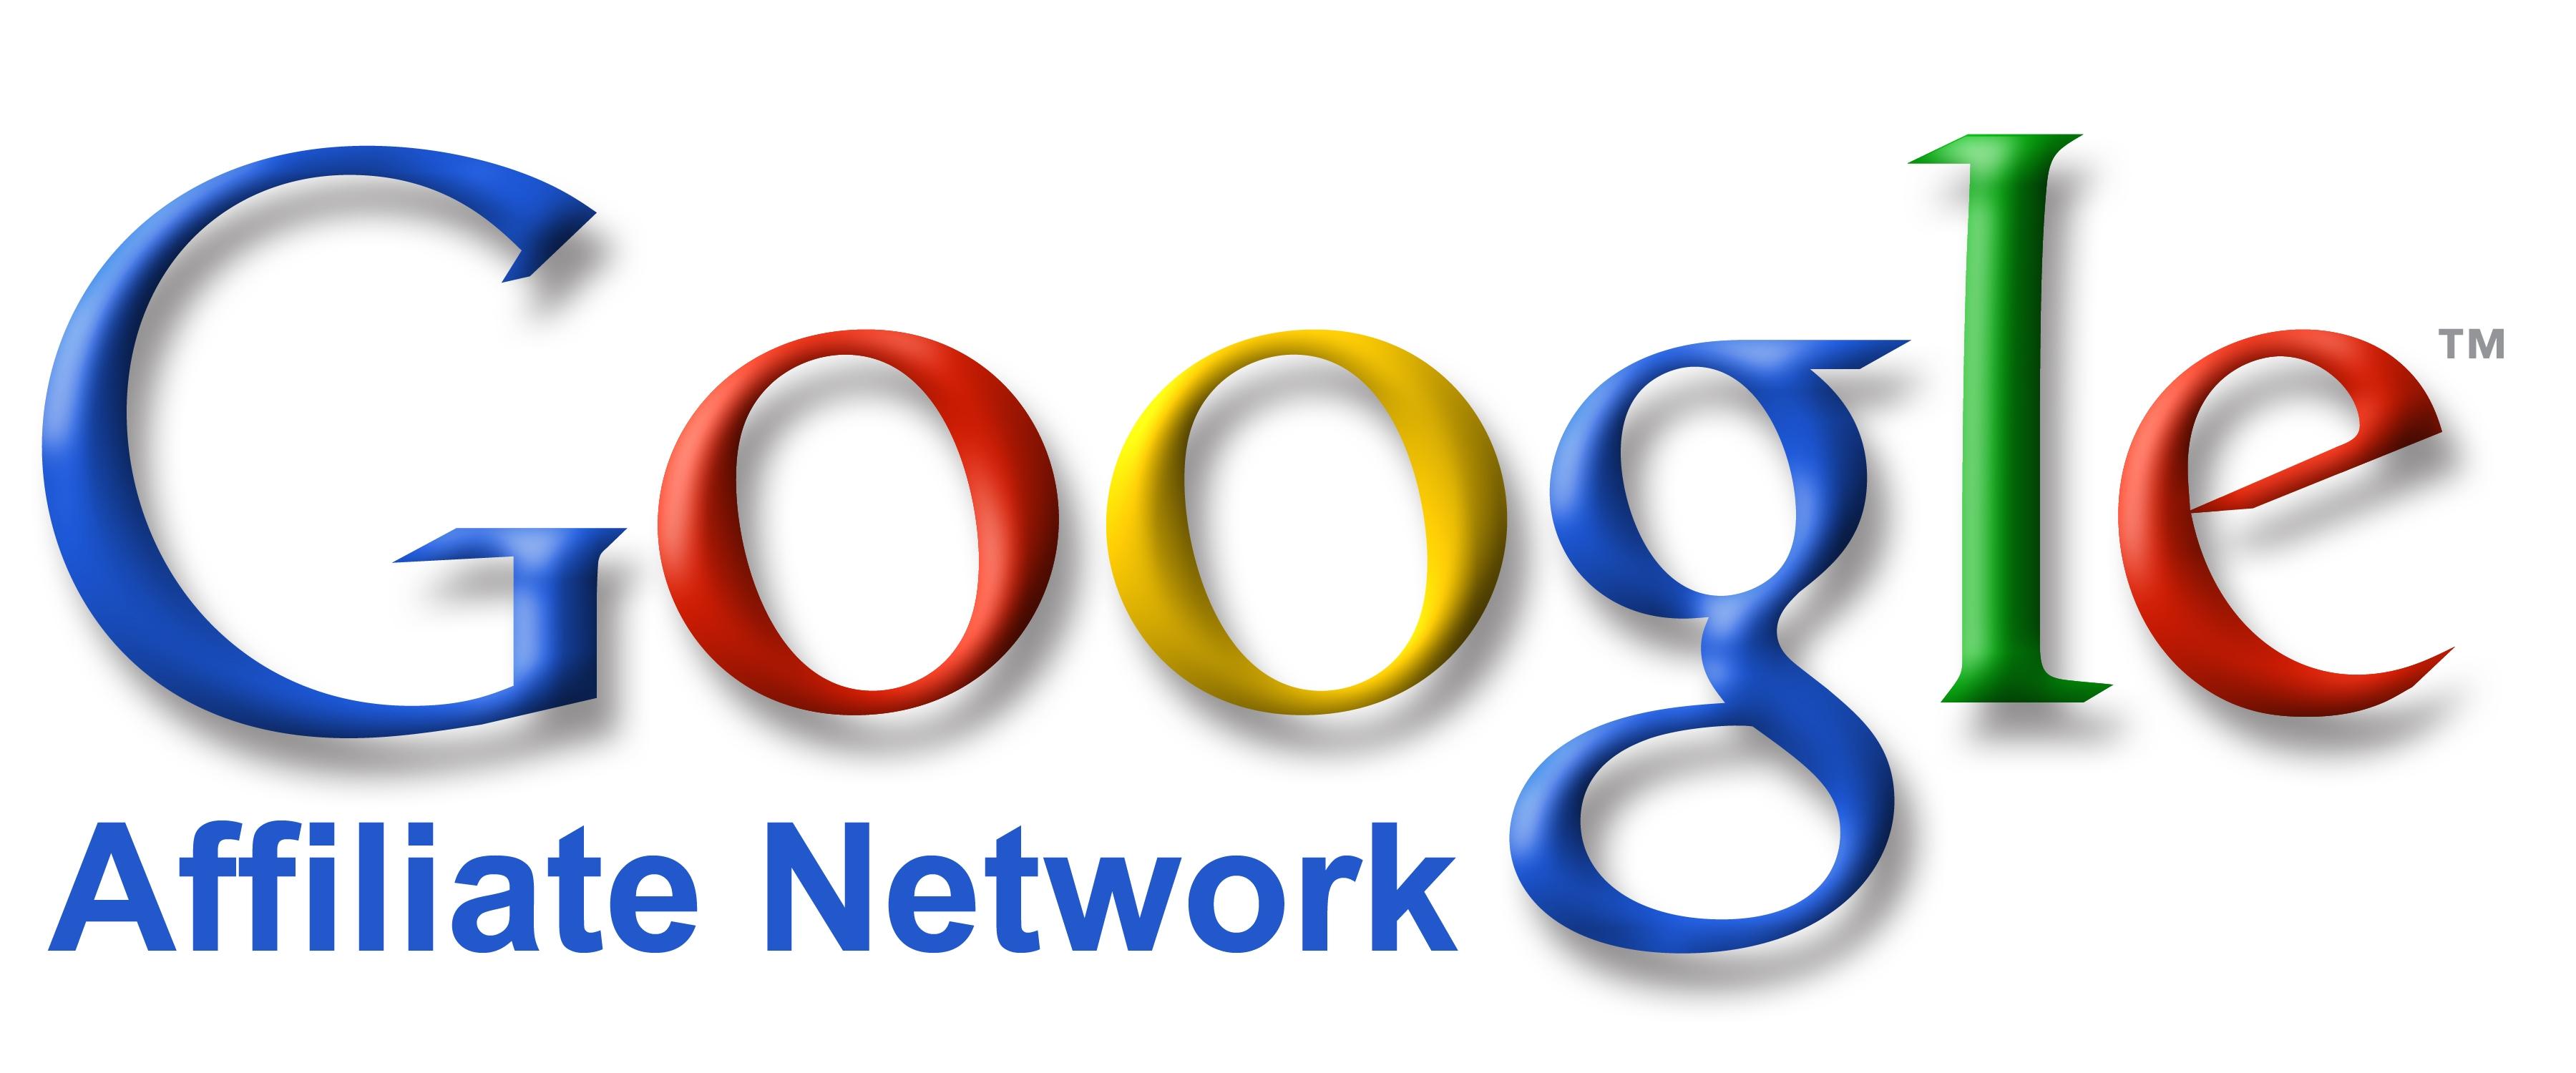 Google e affiliati_amore e odio in una infografica.techeconomy